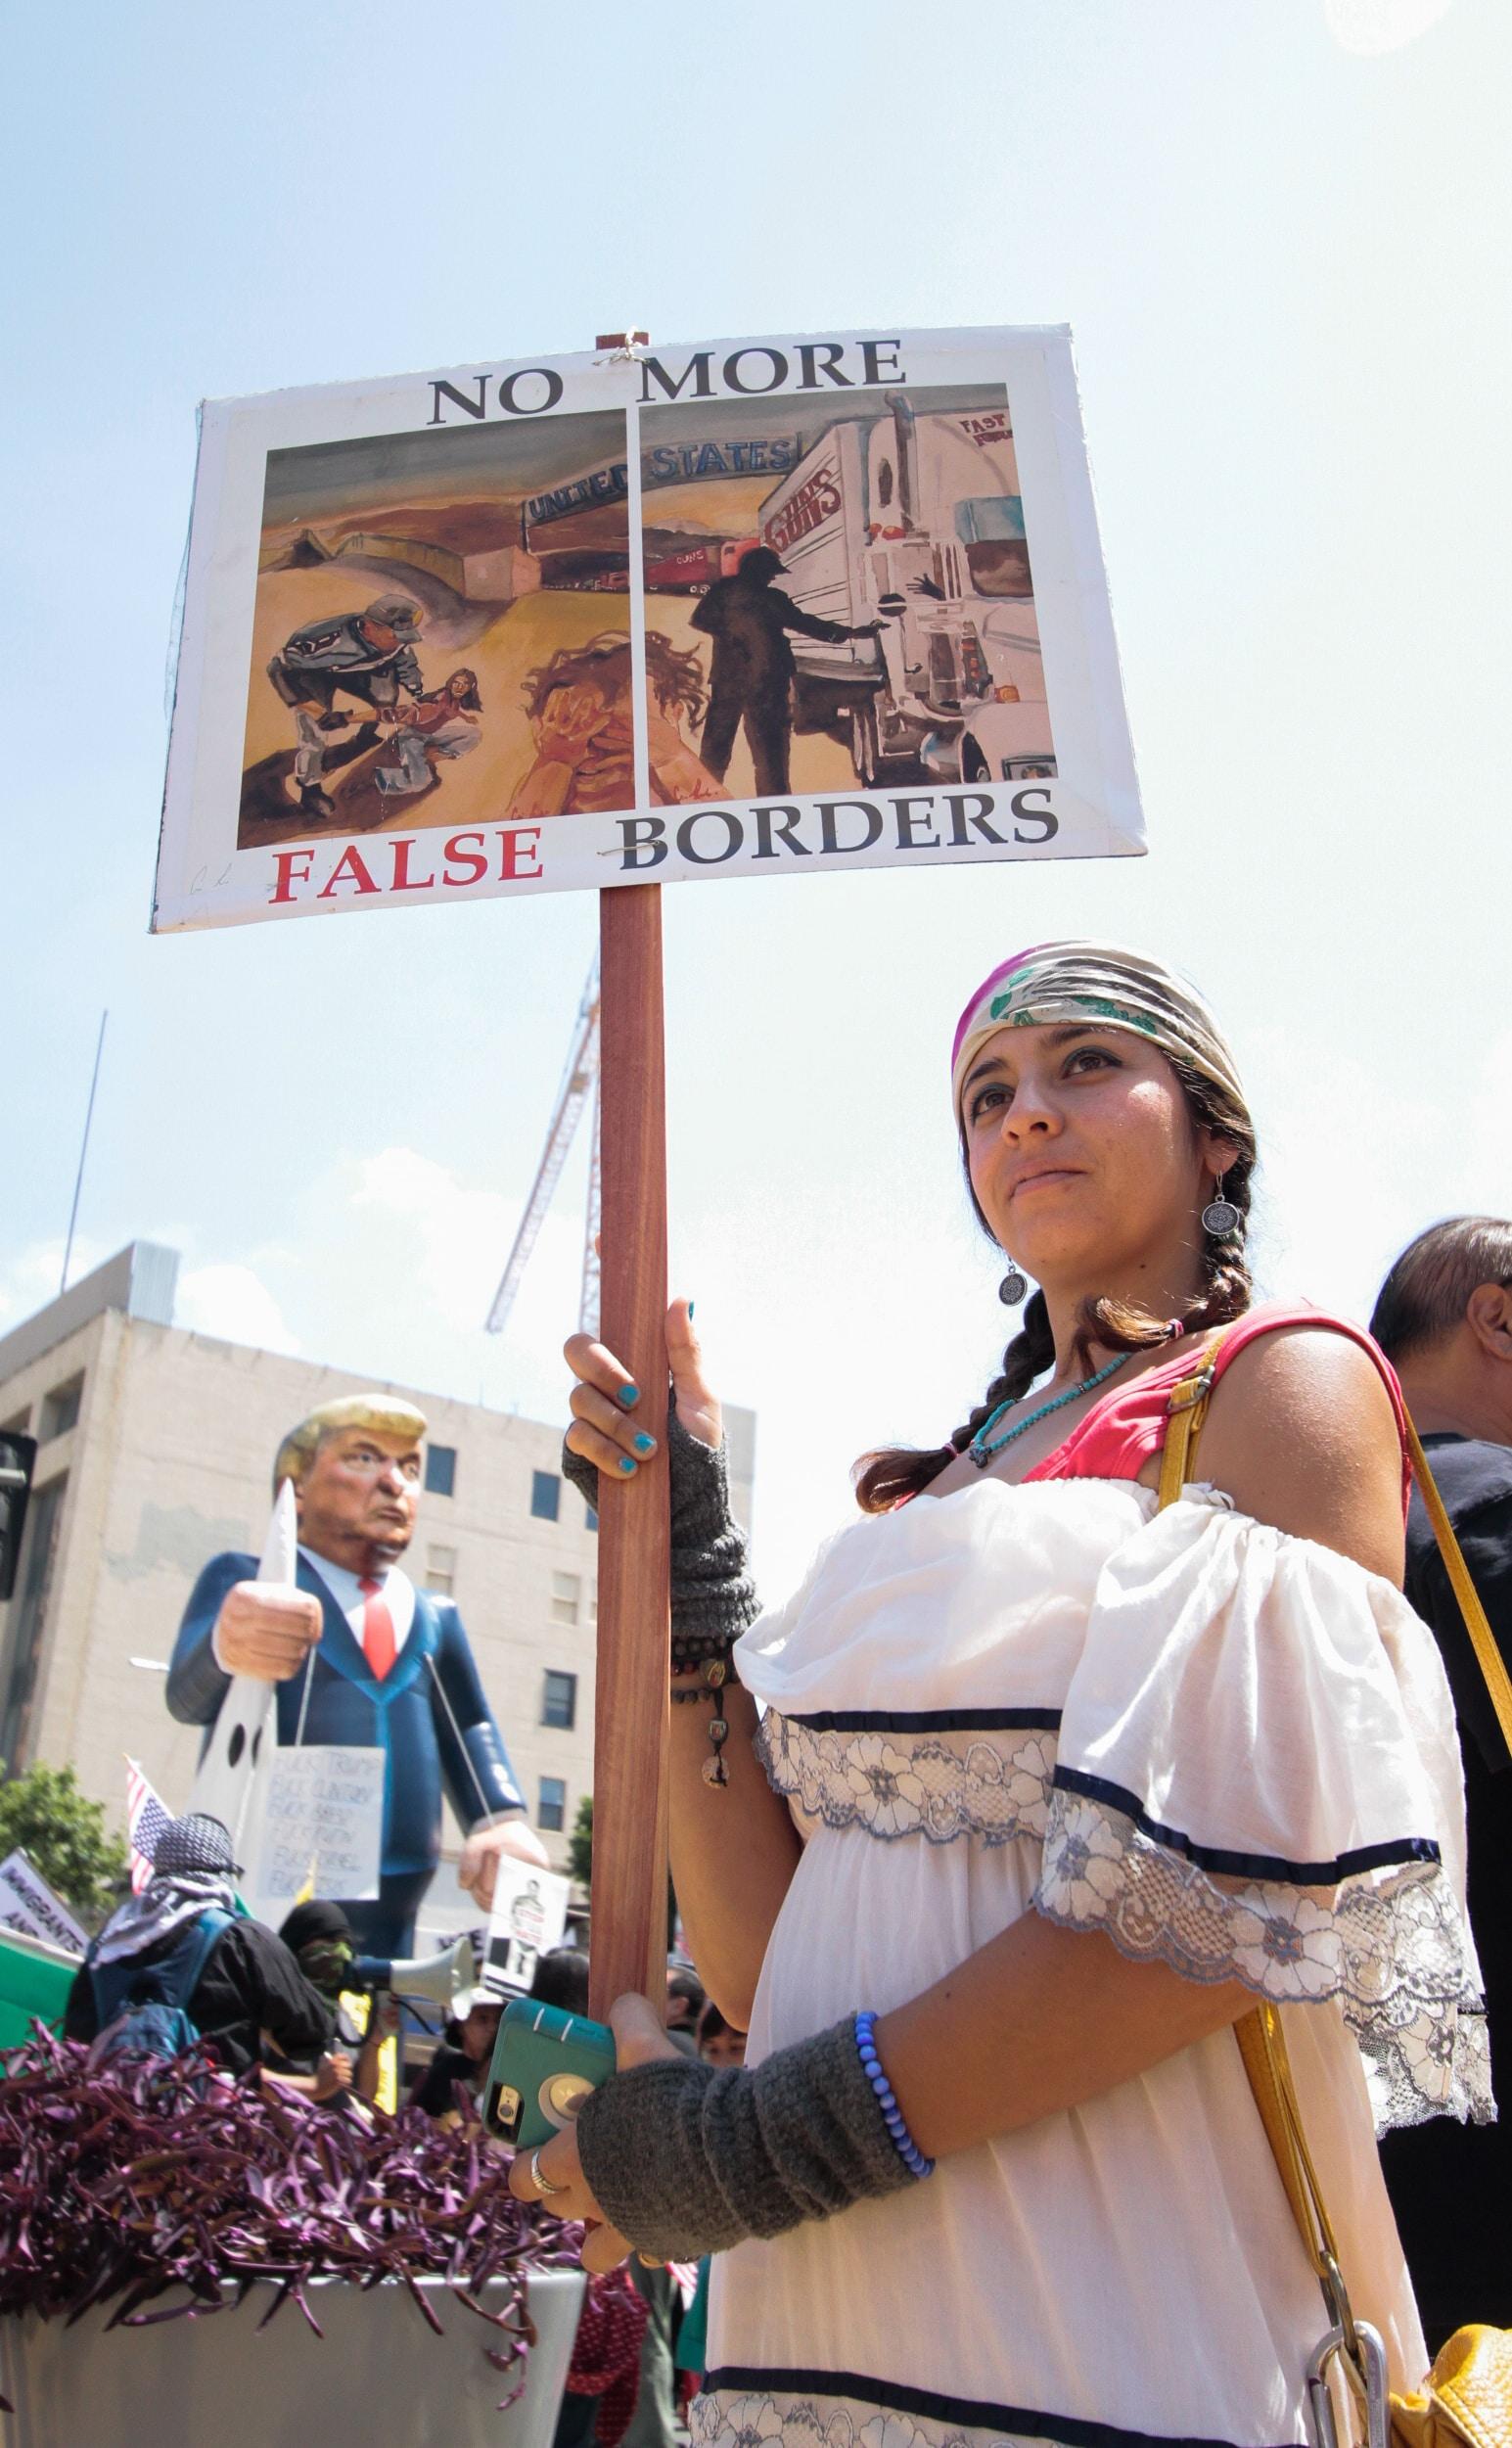 No False Borders